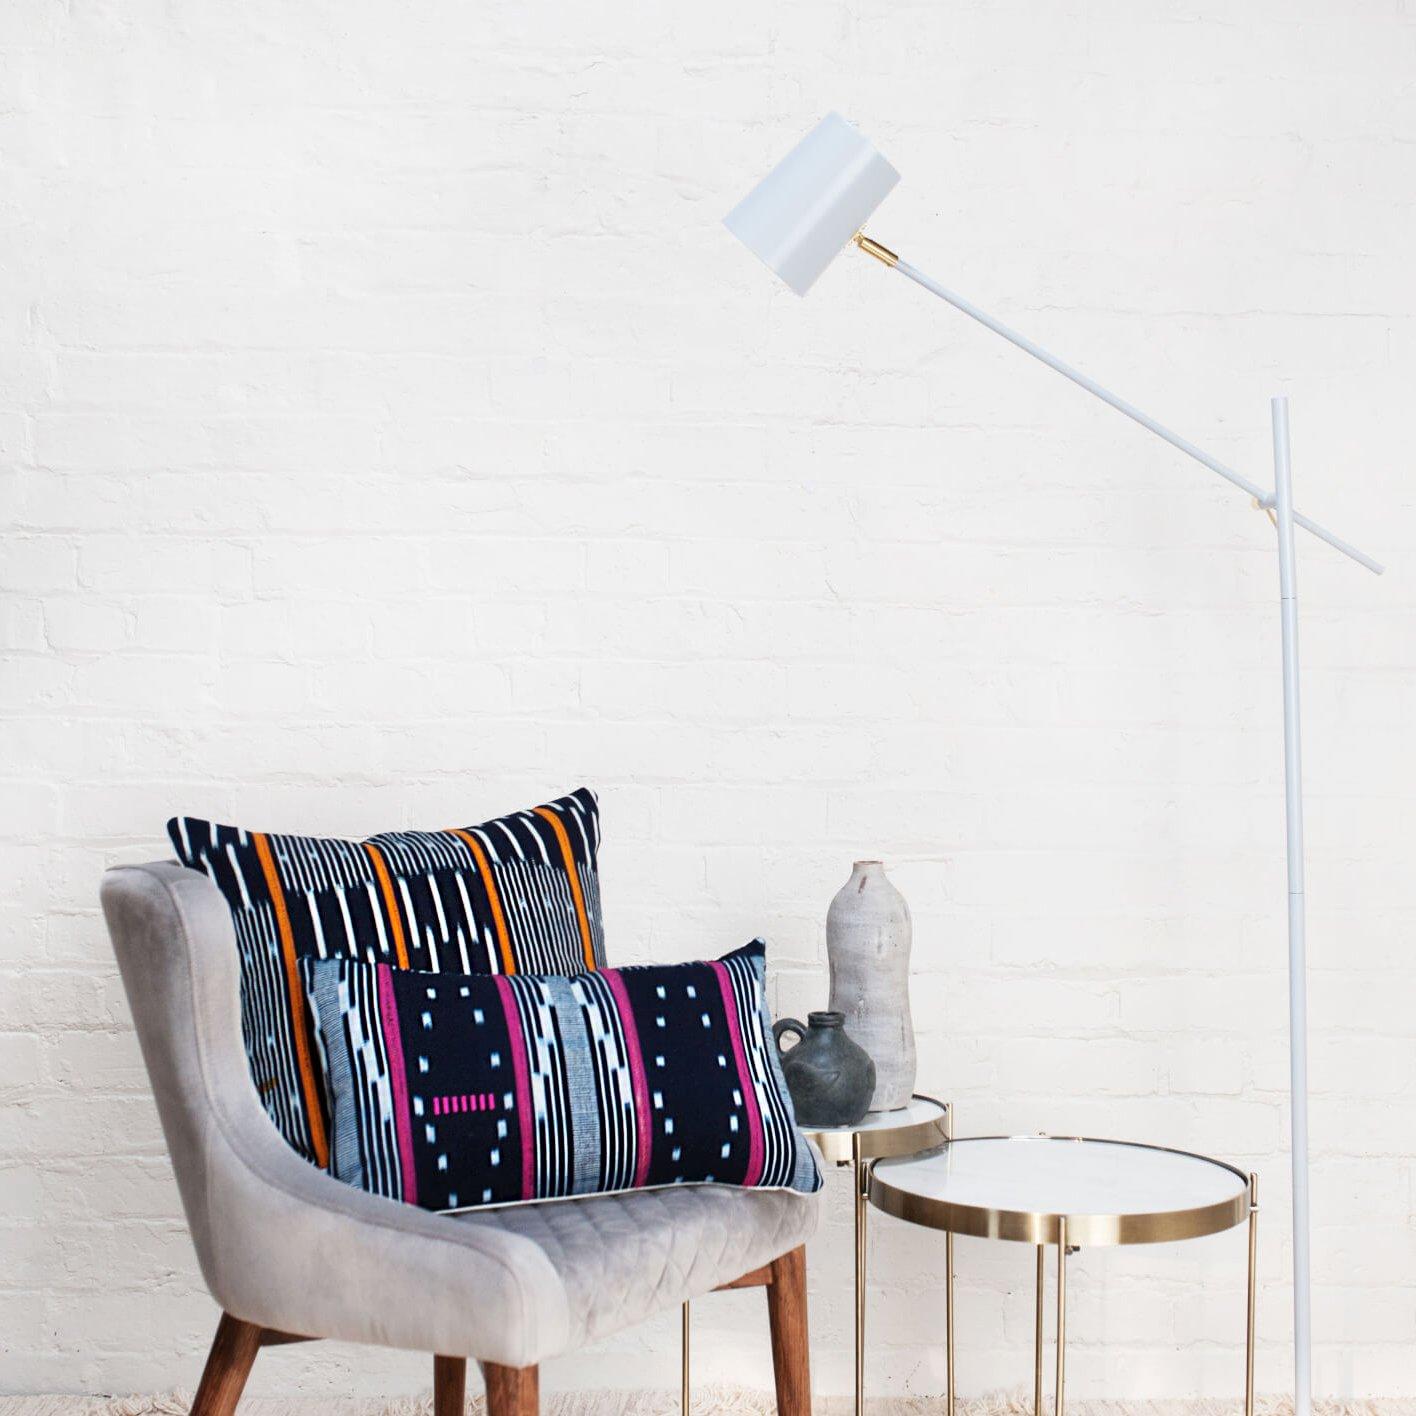 Needs More Cushions Ethical Fashion New Zealand Korhogo lumbar cushion